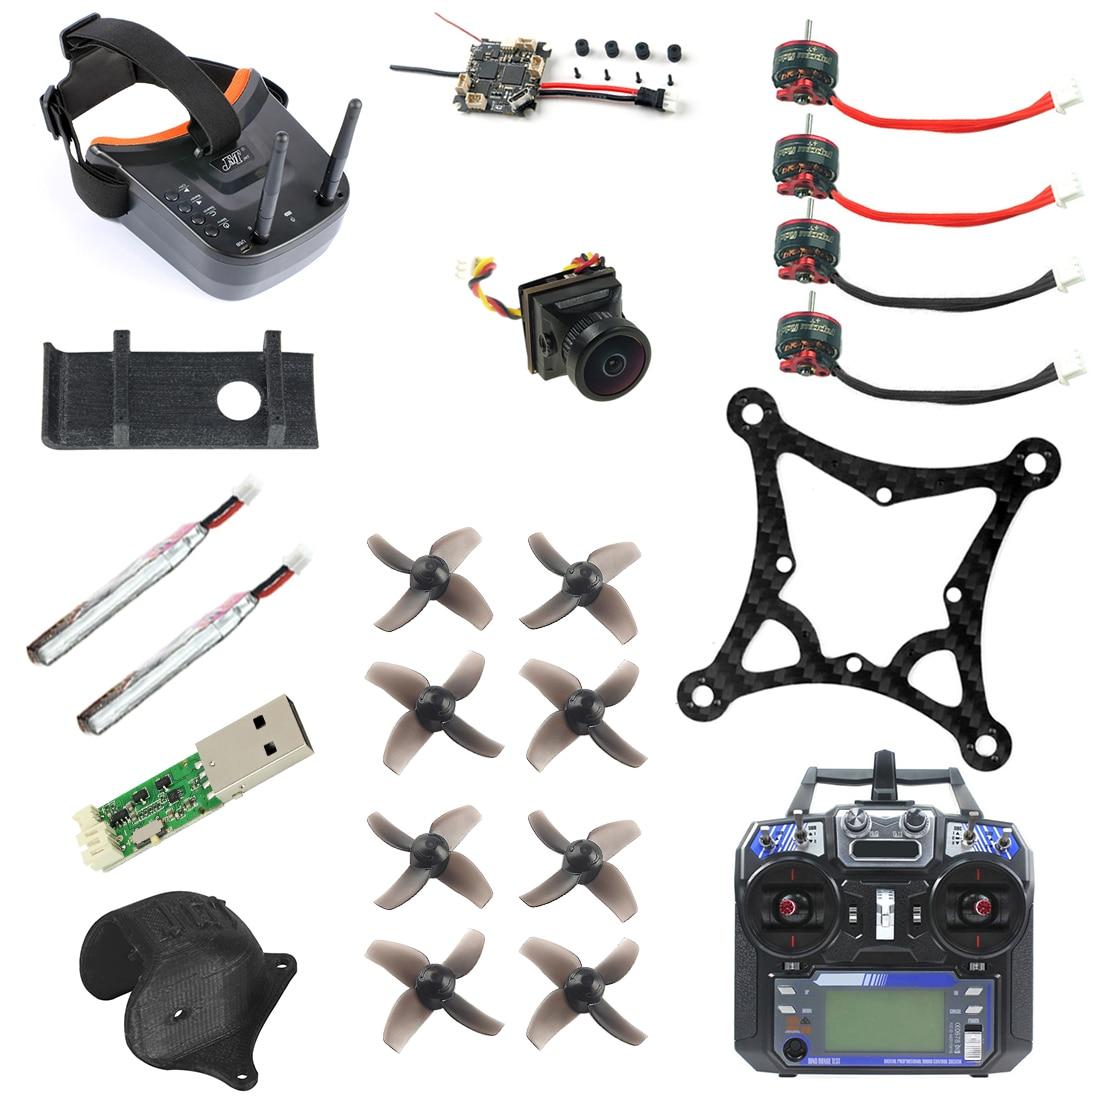 Diy 85mm fpv zangão conjunto completo versão padrão crazybee f4 lite turbo eos2 câmera LST-009 fpv óculos de controle remoto fs i6